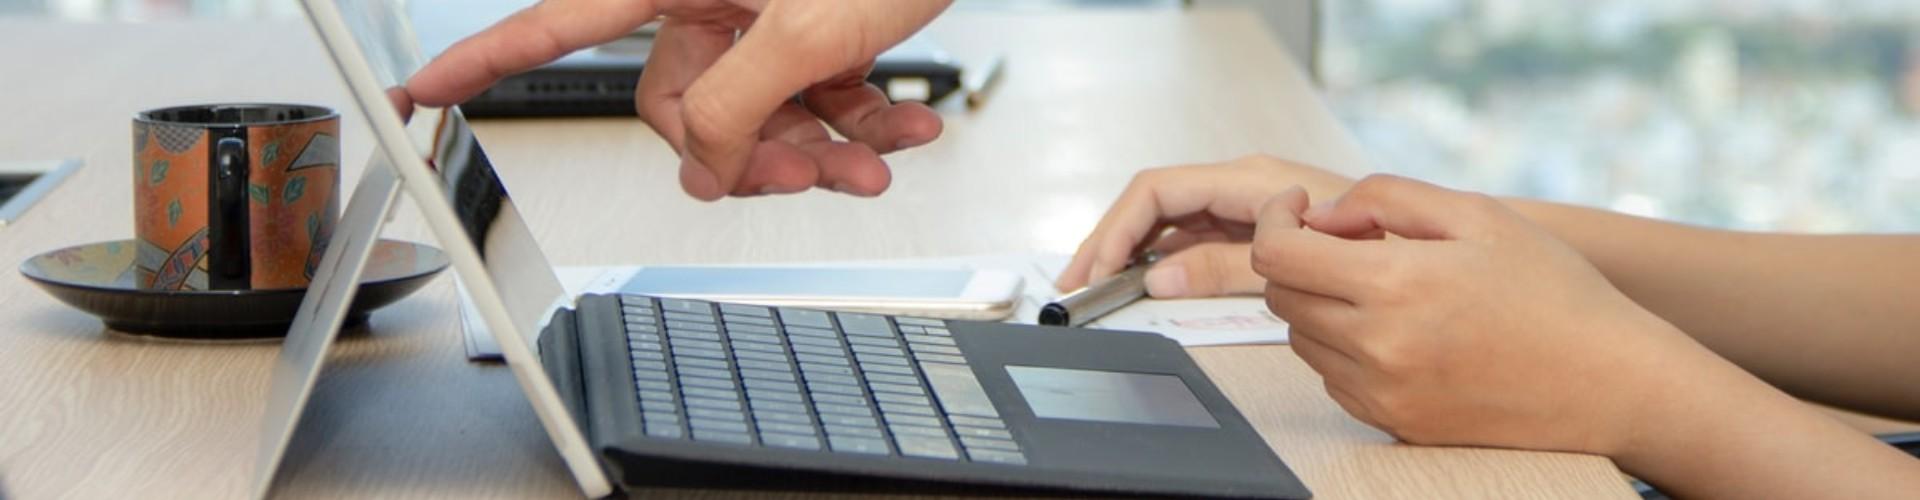 Enviar tu Currículum a Décimas: Pasos y Ejemplos para 2021